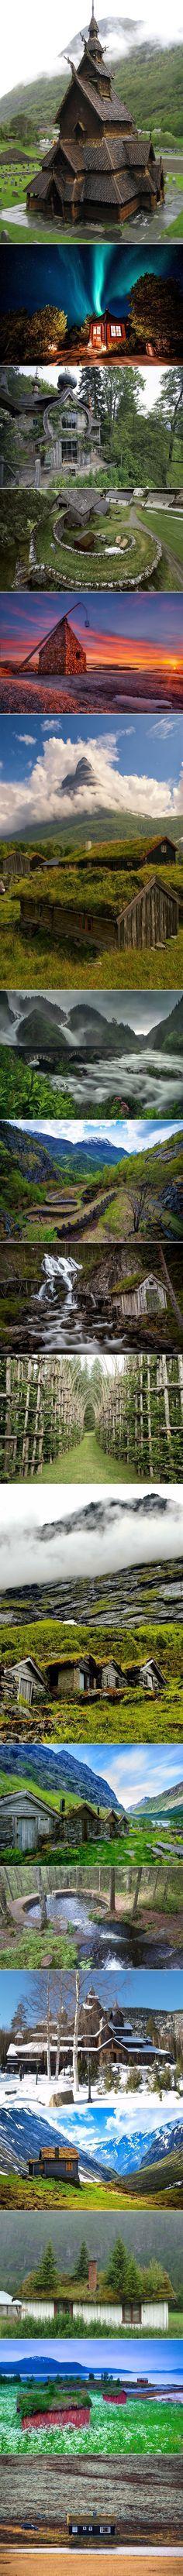 Wunderschönes Norwegen. Den passenden Koffer für eure Reise findet ihr bei uns: https://www.profibag.de/reisegepaeck/